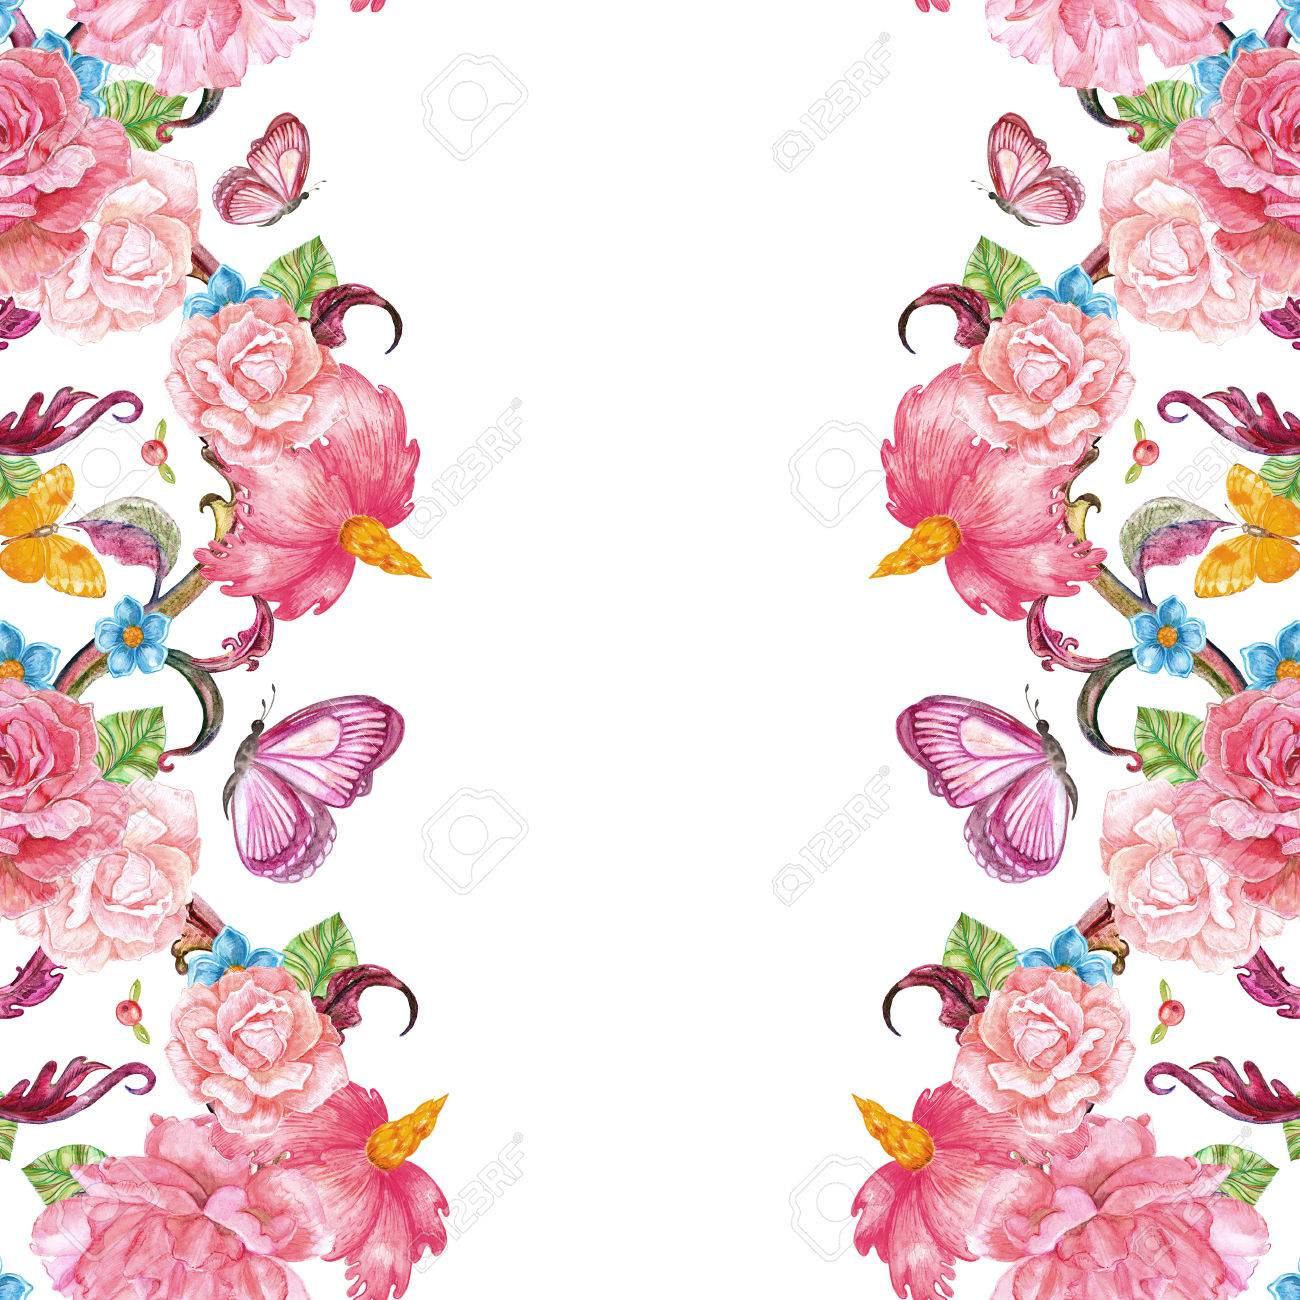 Tarjeta De Invitación Linda Con Flores Y Mariposas Exóticas Pintura De Acuarela